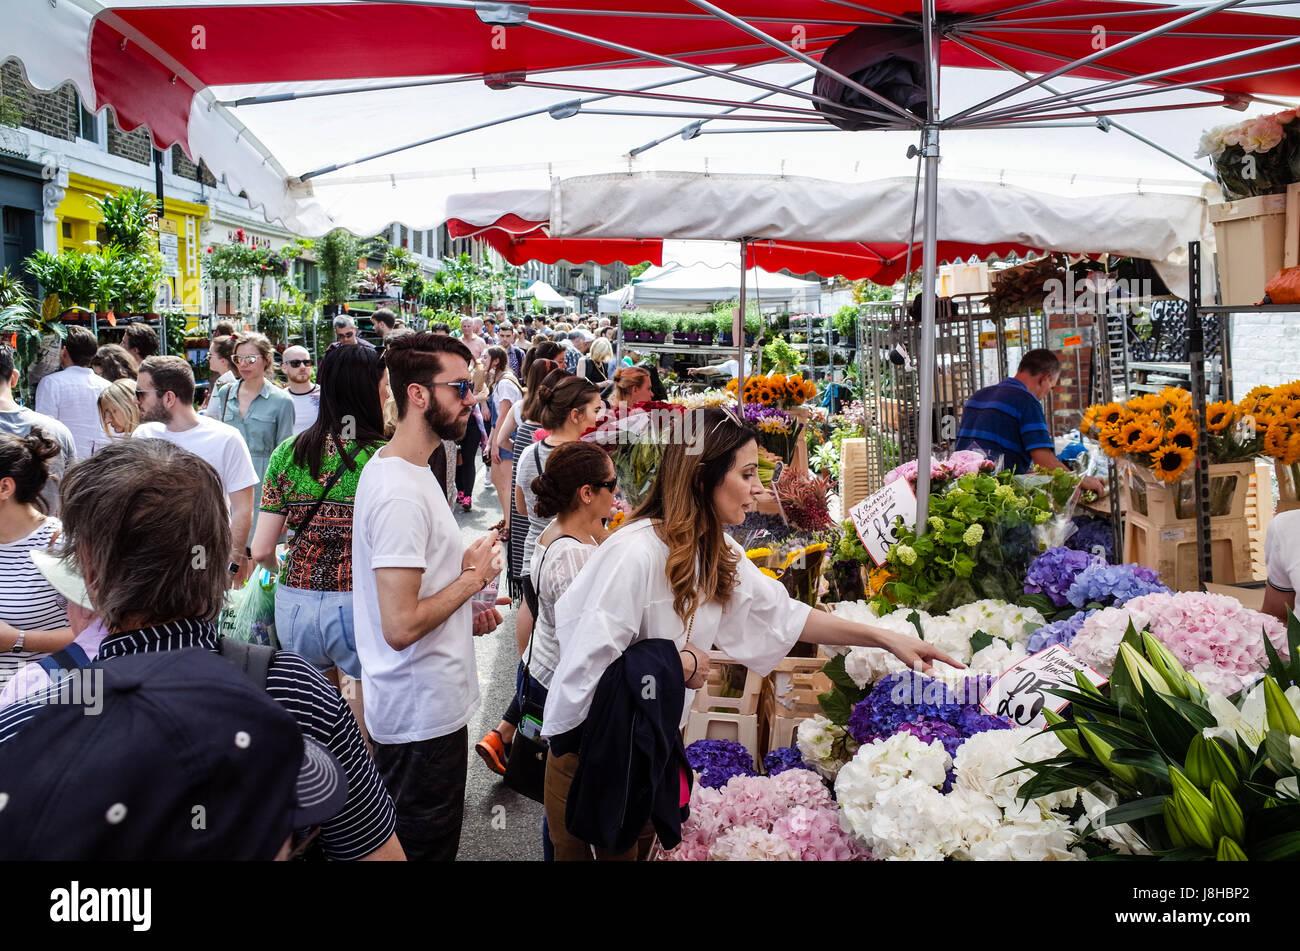 Columbia Road Flower Market - marché du Dimanche très populaire dans la région de East London Photo Stock